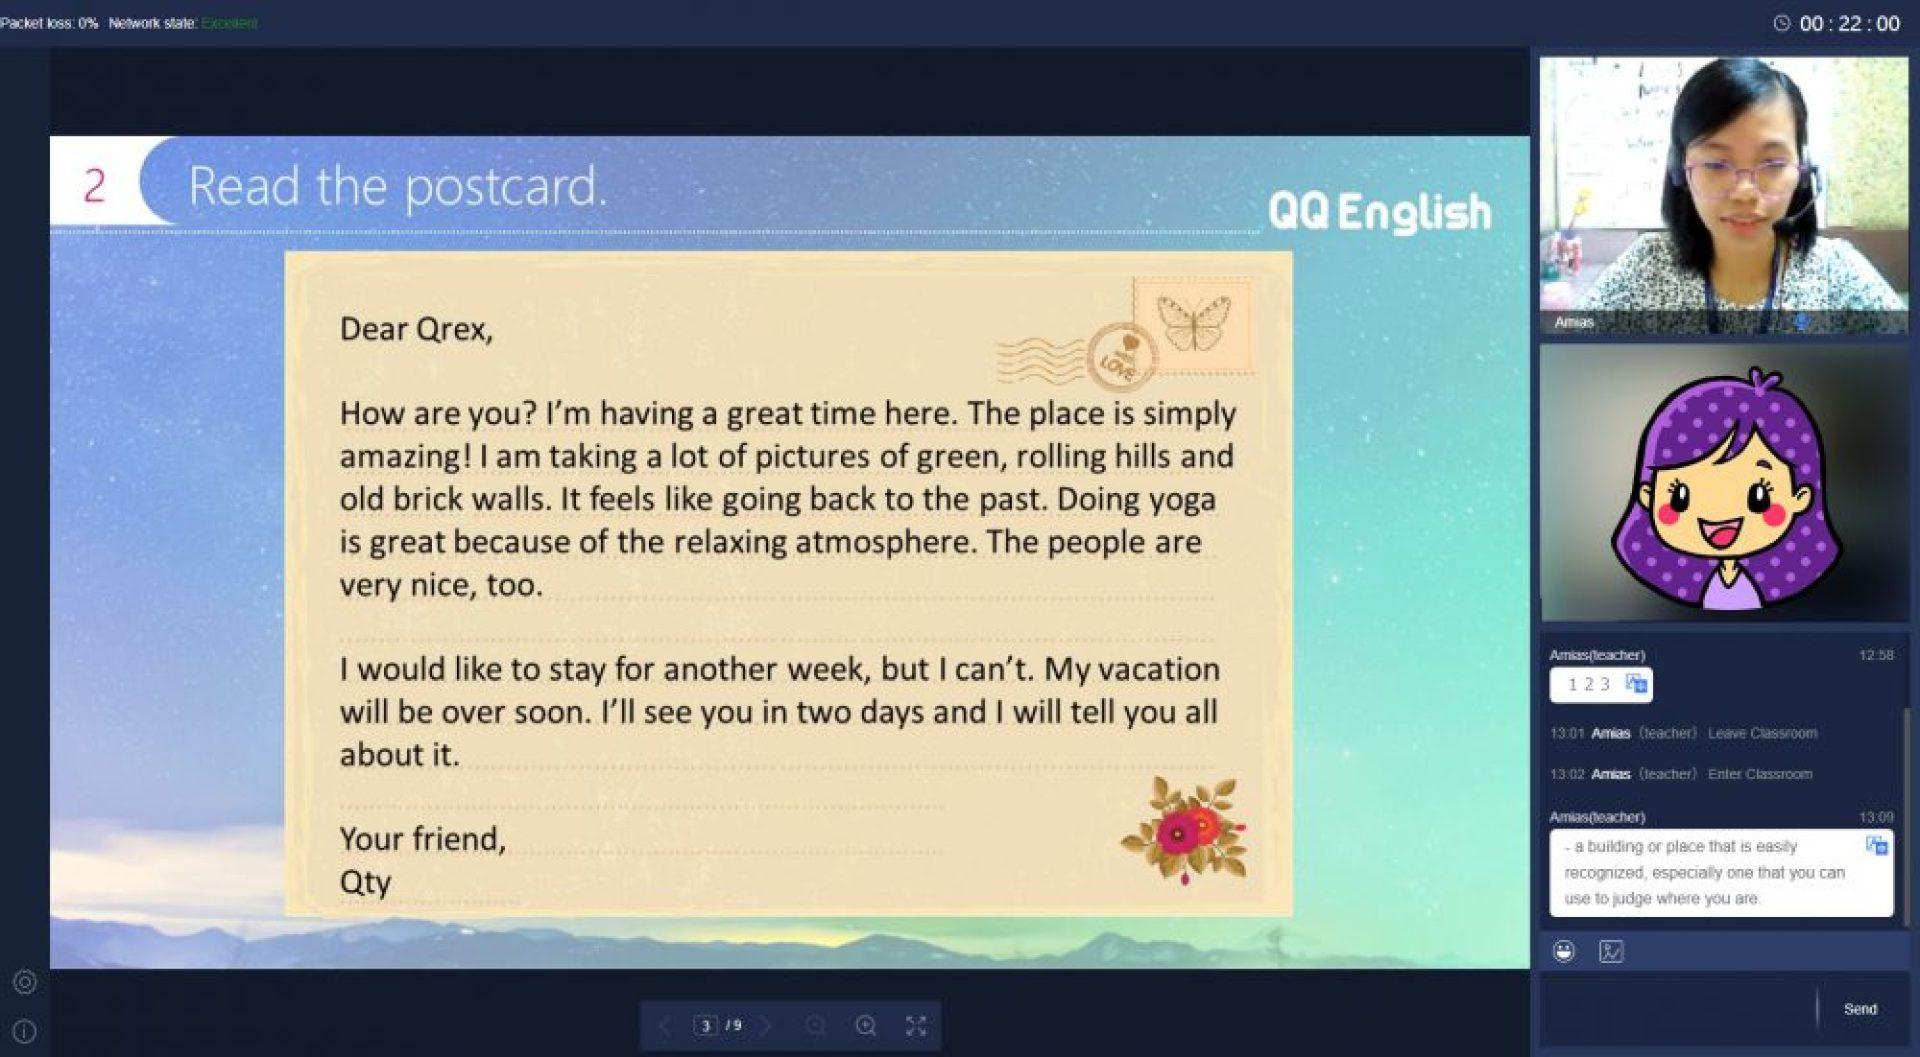 QQ Englishの無料体験レッスンの画面の画像